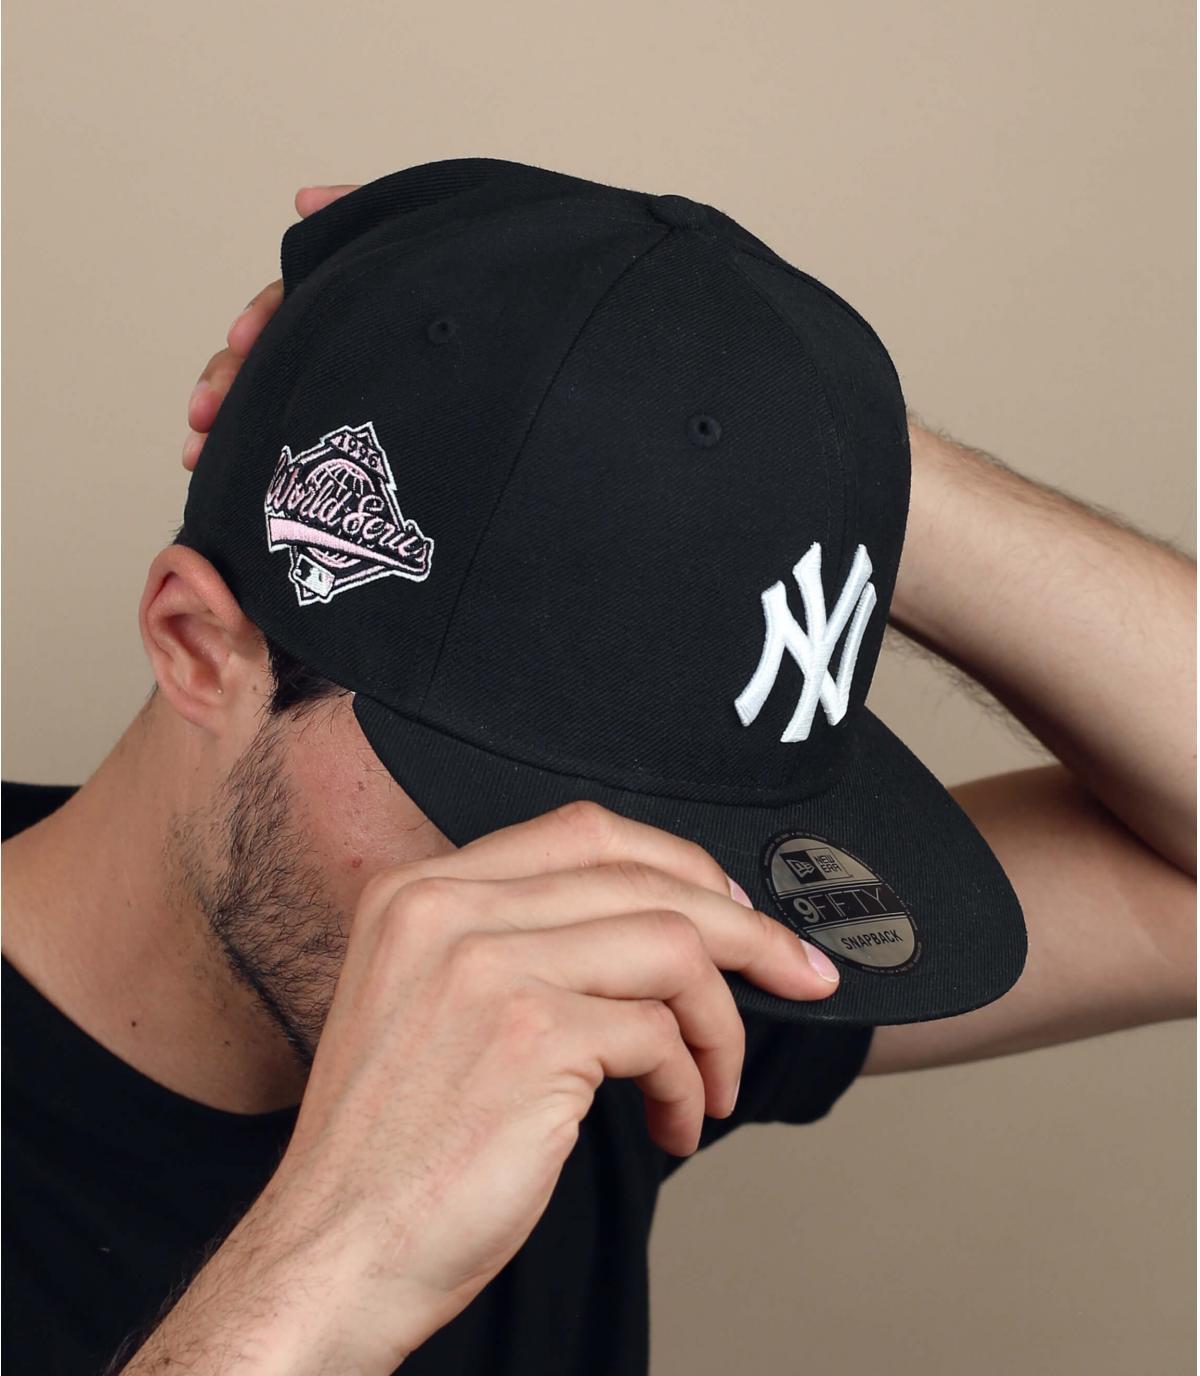 NY cap pink paisley